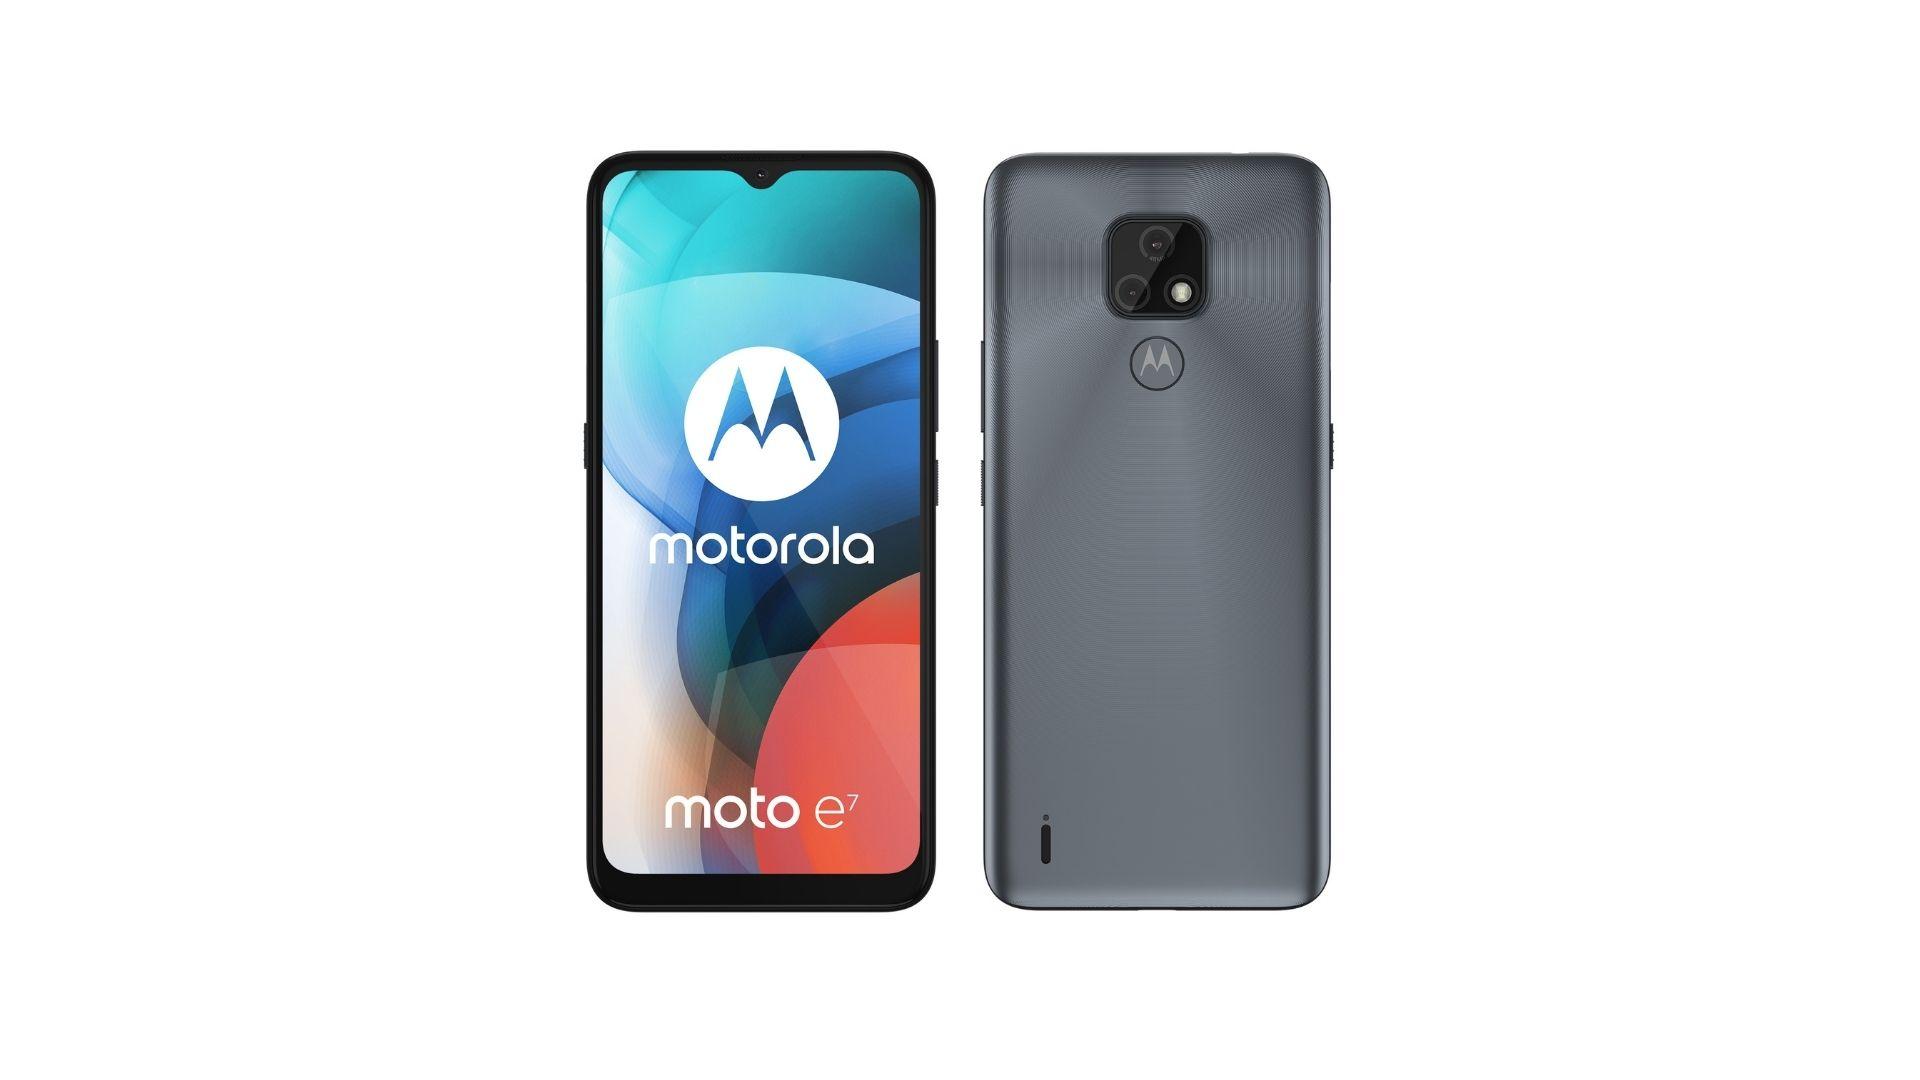 Moto e7 für 110 Euro: Günstiger geht der Android-Einstieg kaum